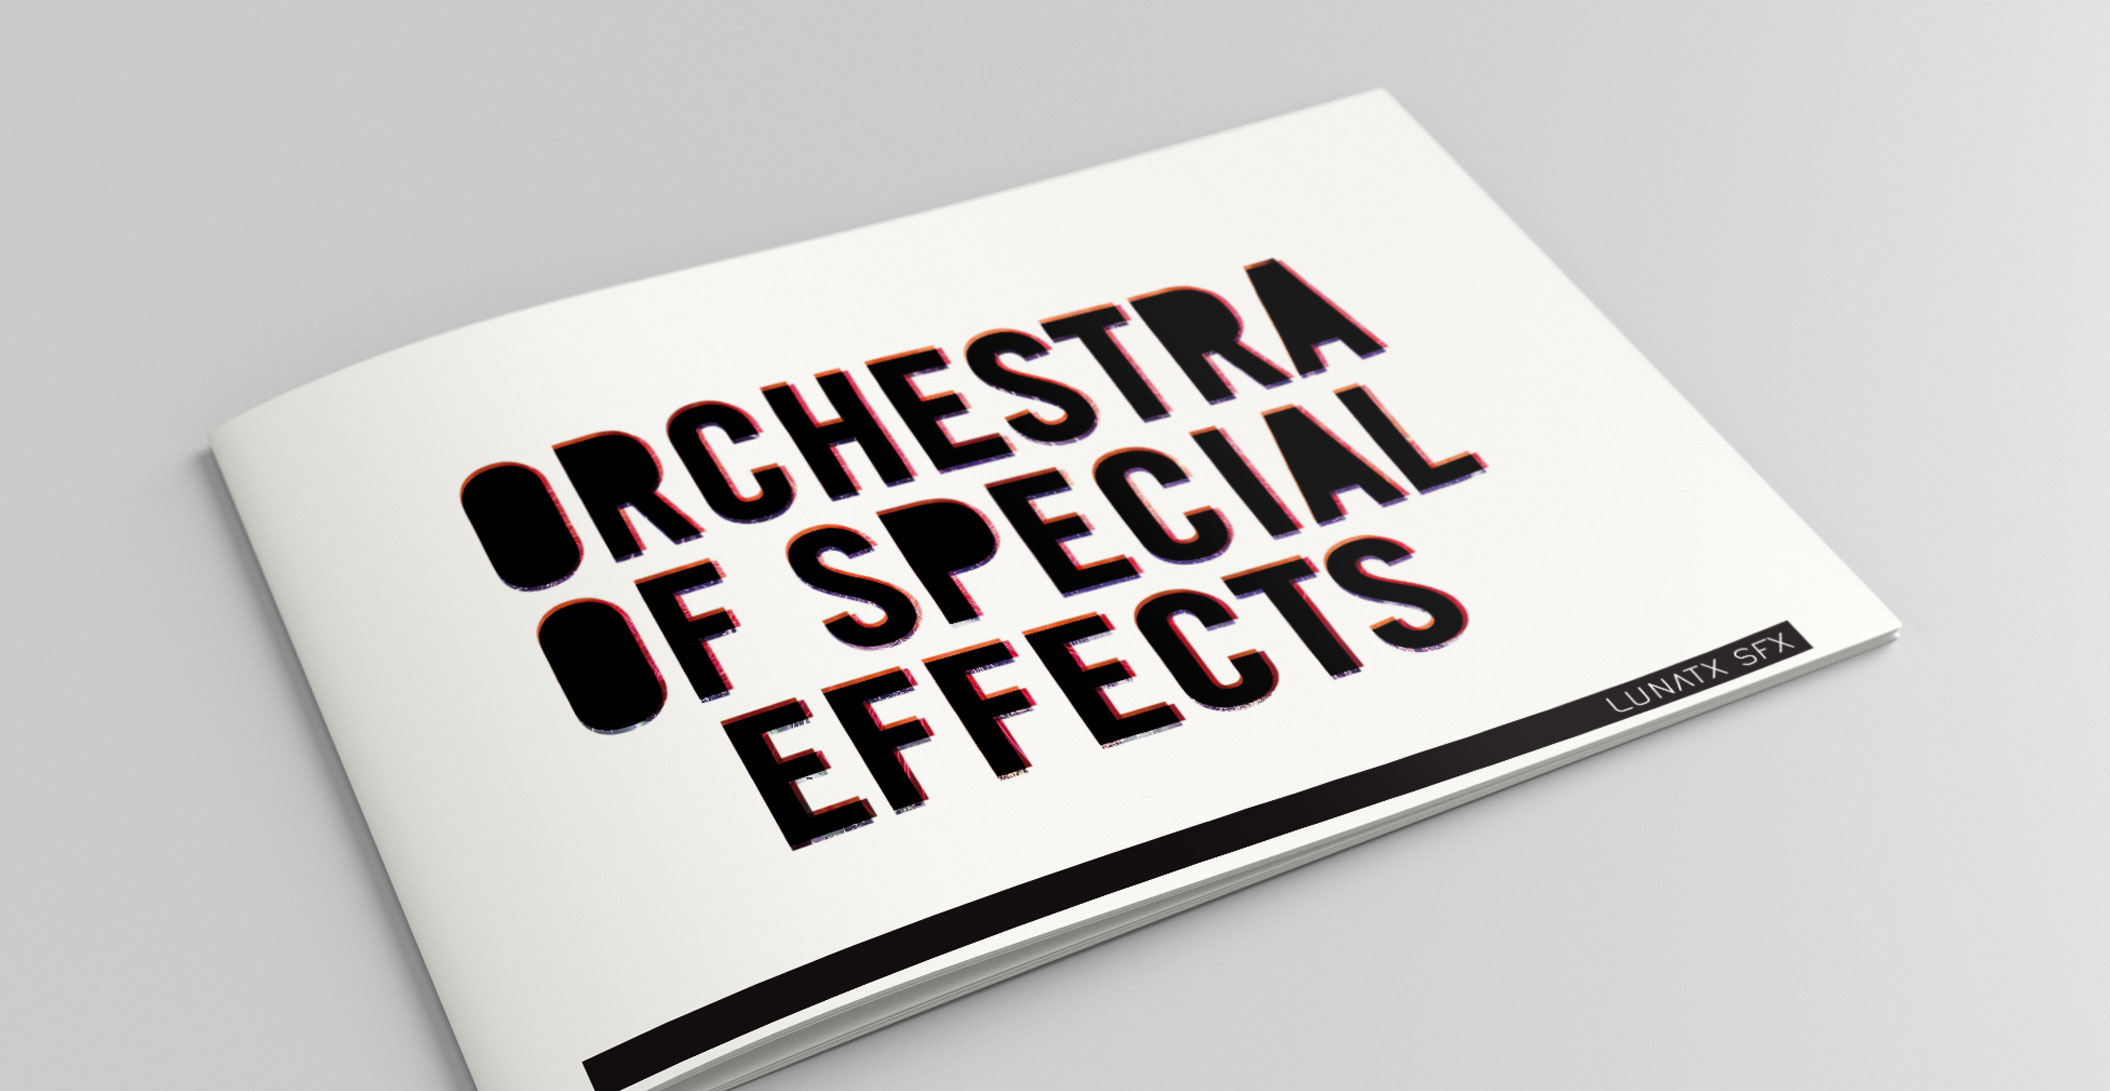 Broschüren - Lunatx SFX, Orchestra of Special Effects